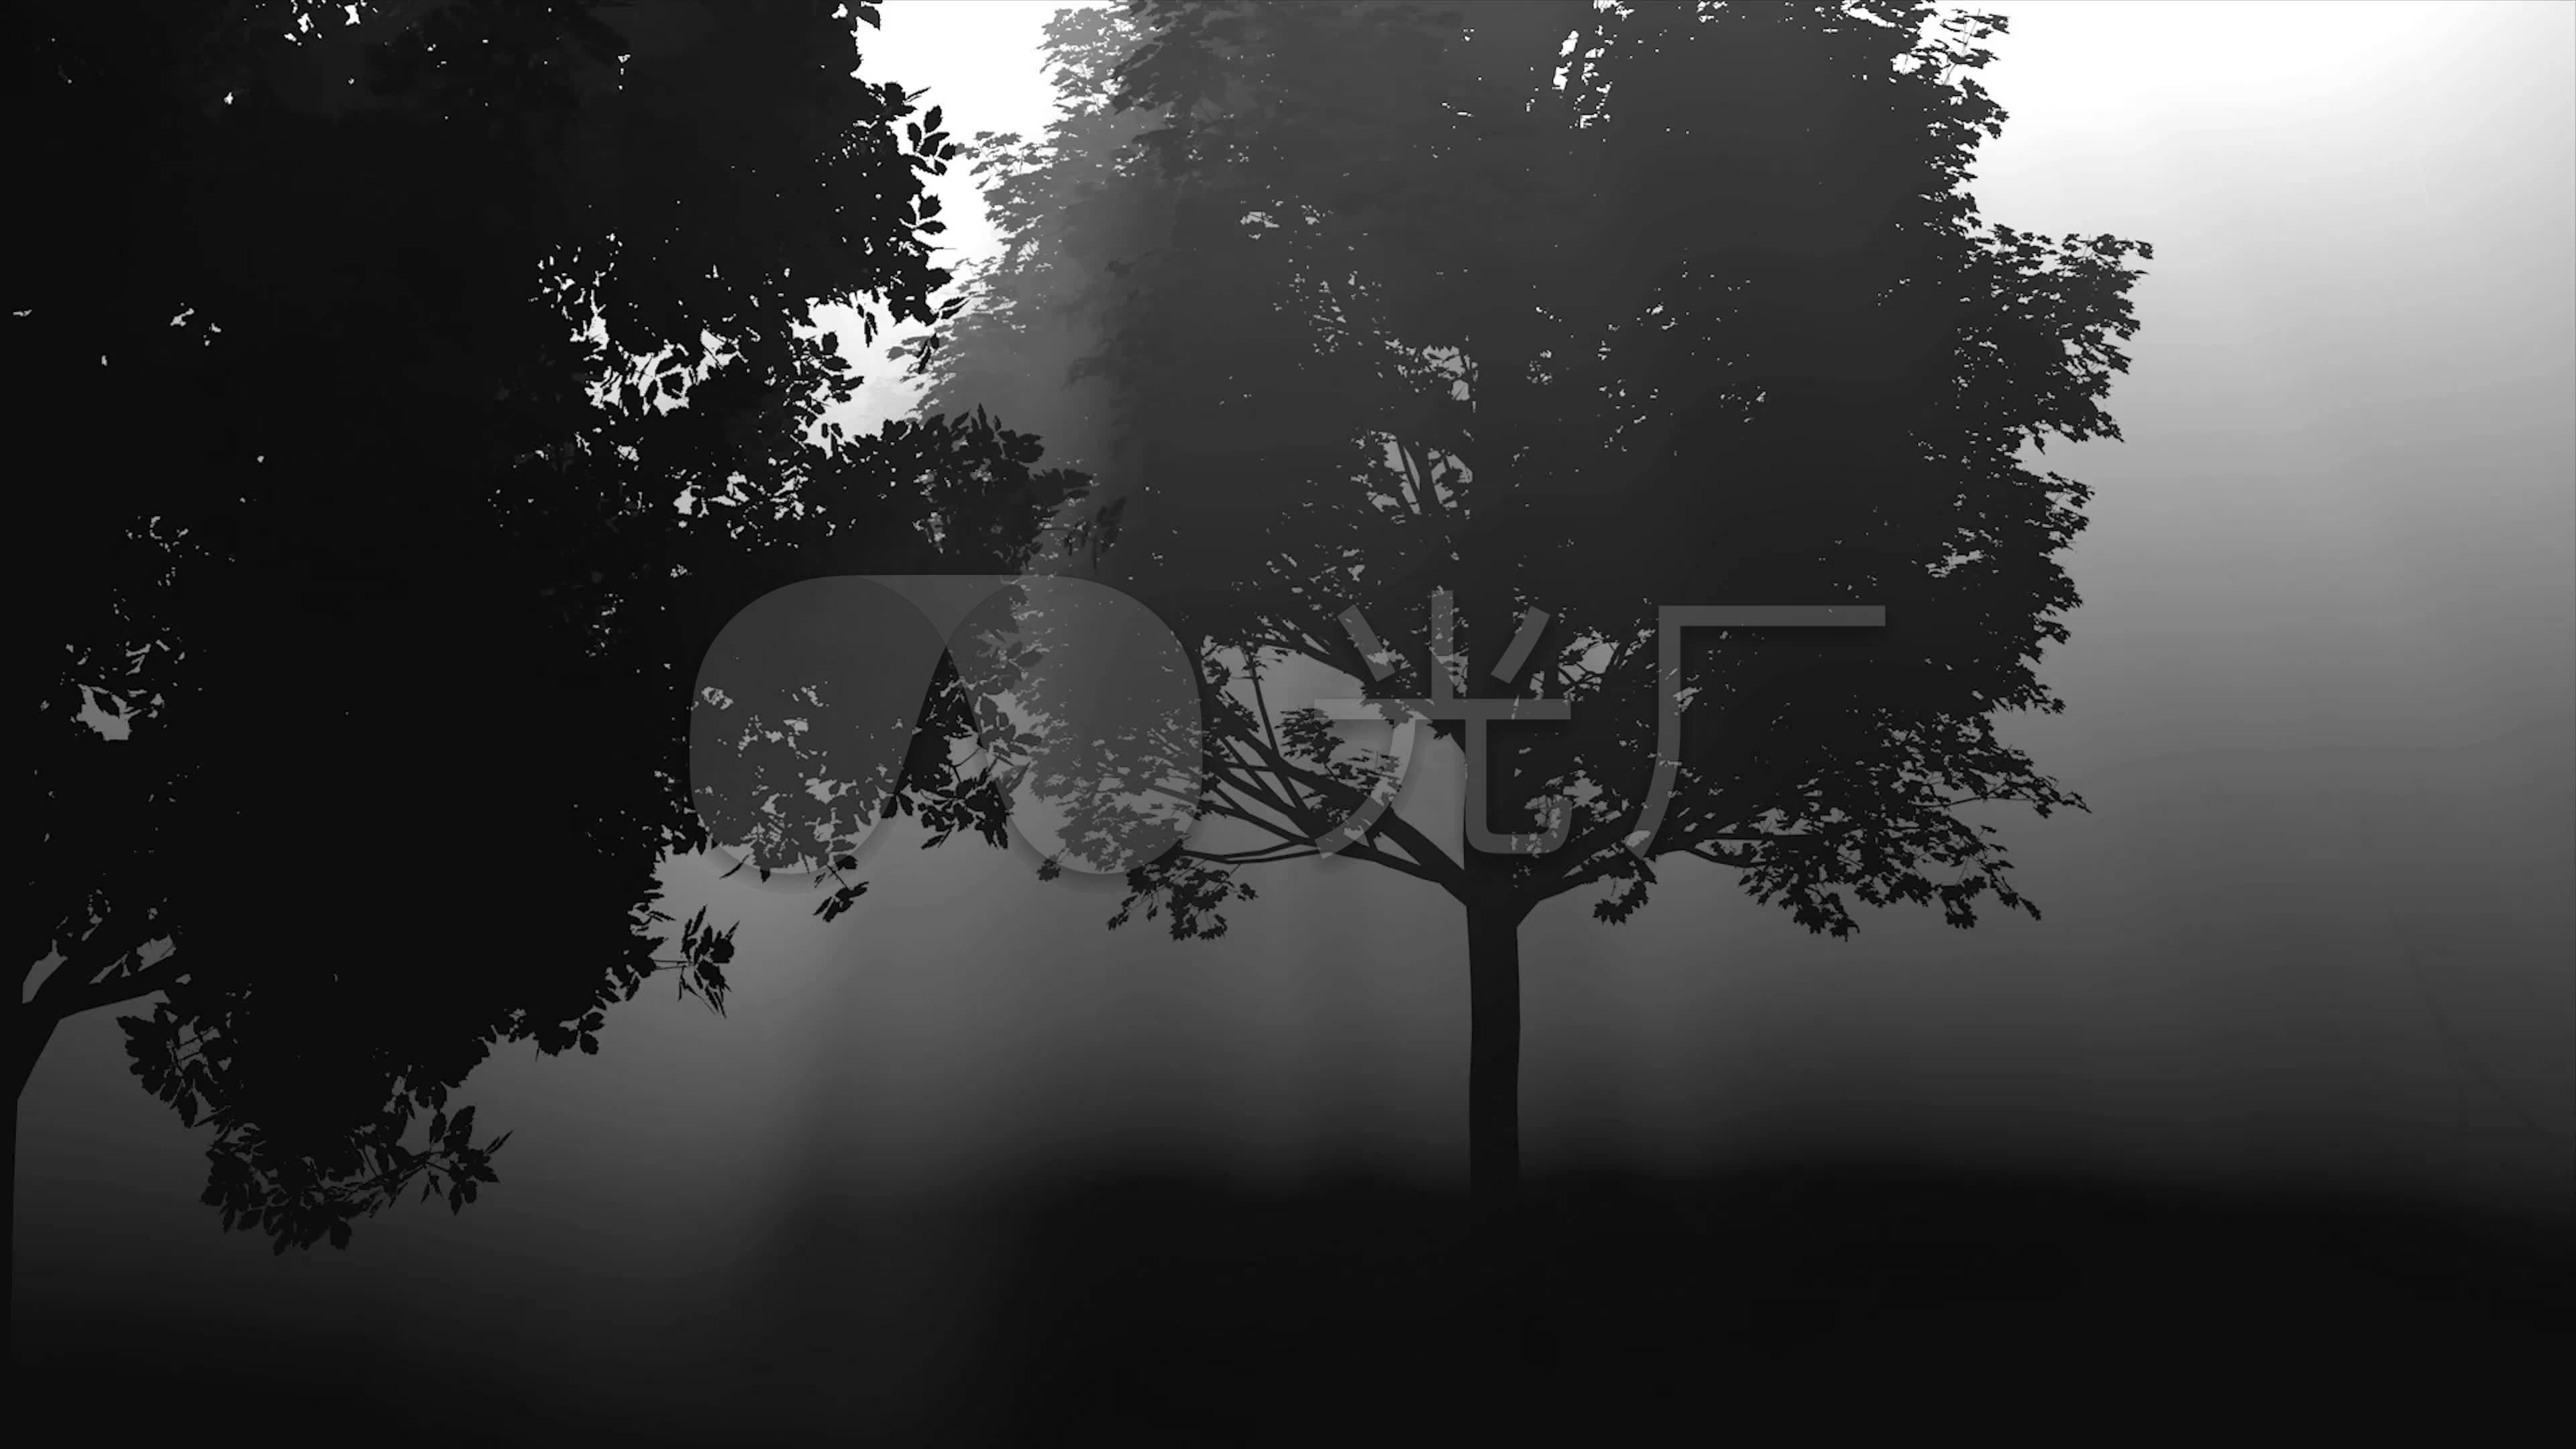 黑白森林舞台背景素材_3840x2160_高清视频素材下载